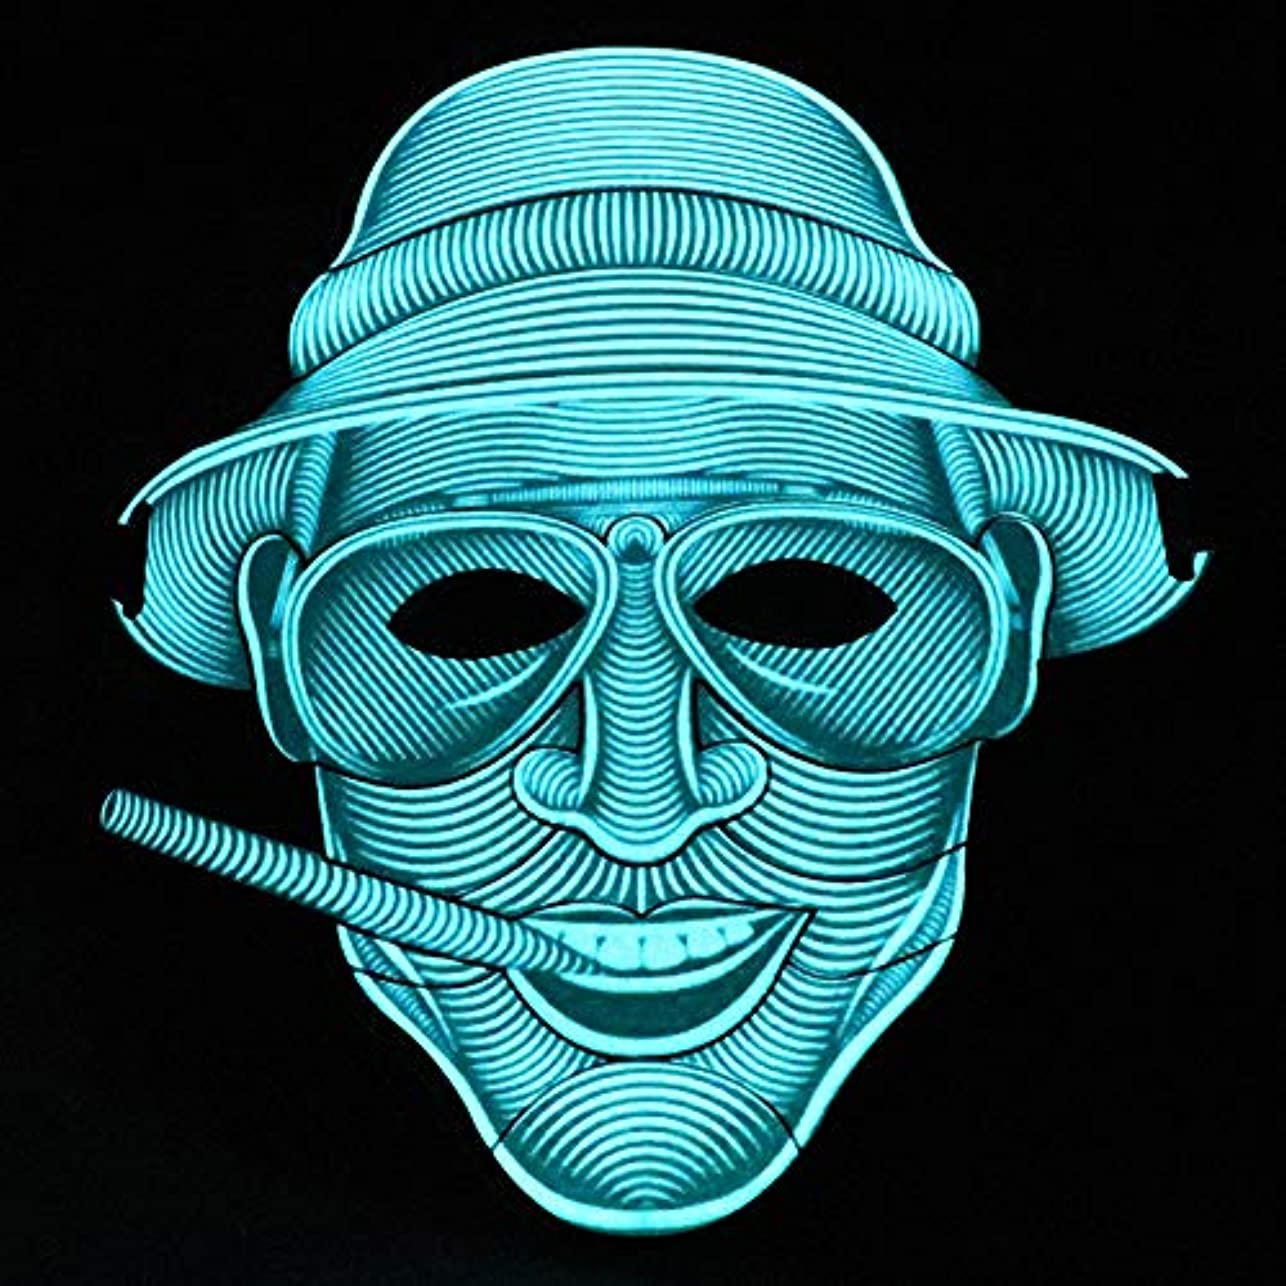 読みやすさズボン休戦照らされたマスクLED創造的な冷光音響制御マスクハロウィンバーフェスティバルダンスマスク (Color : #14)